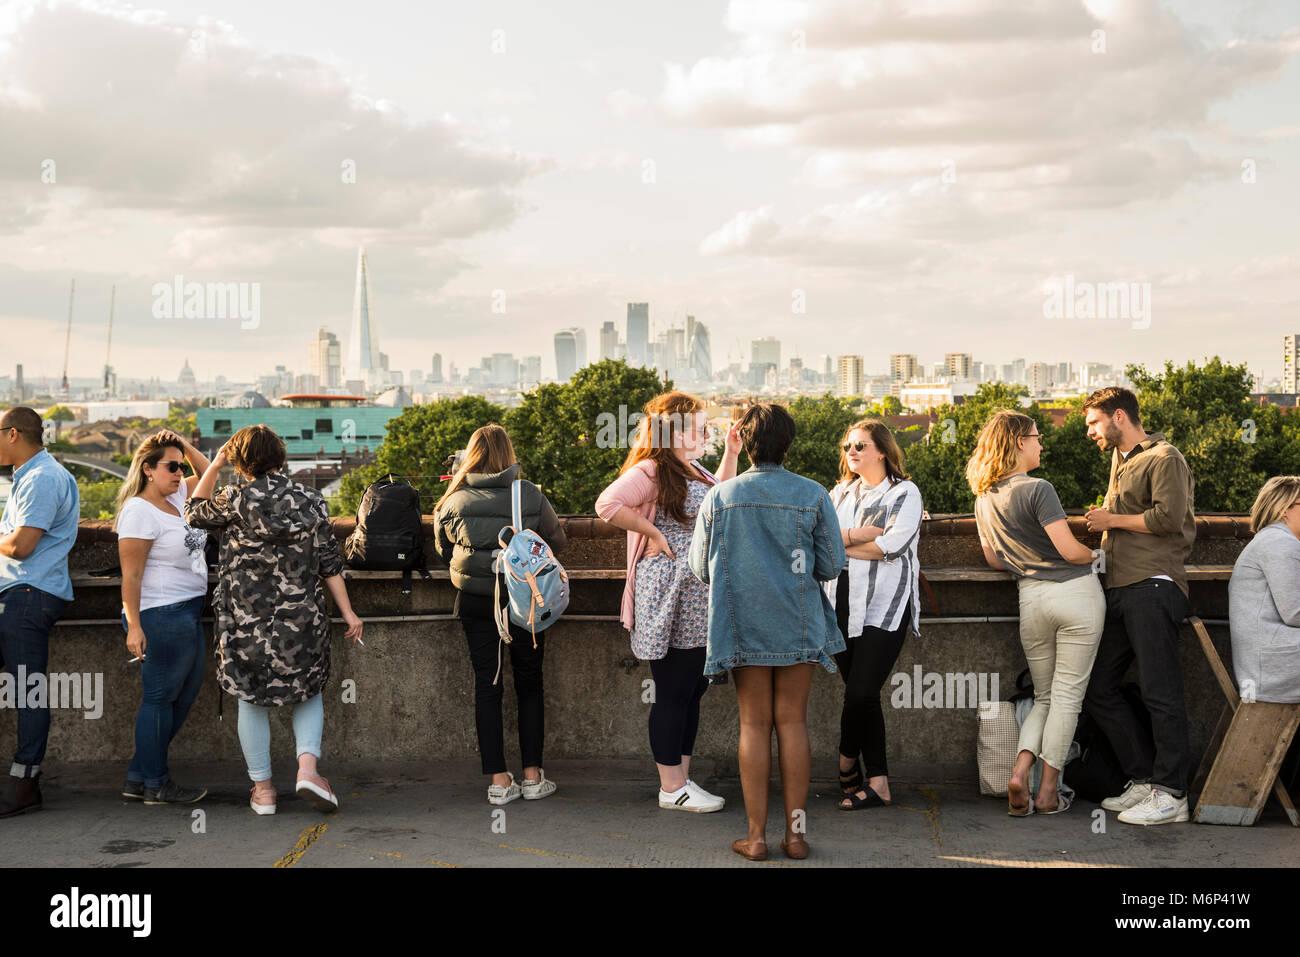 People socializing et boire un verre ensemble à Franks Cafe bar sur le toit offrant une vue sur la ville. Photo Stock